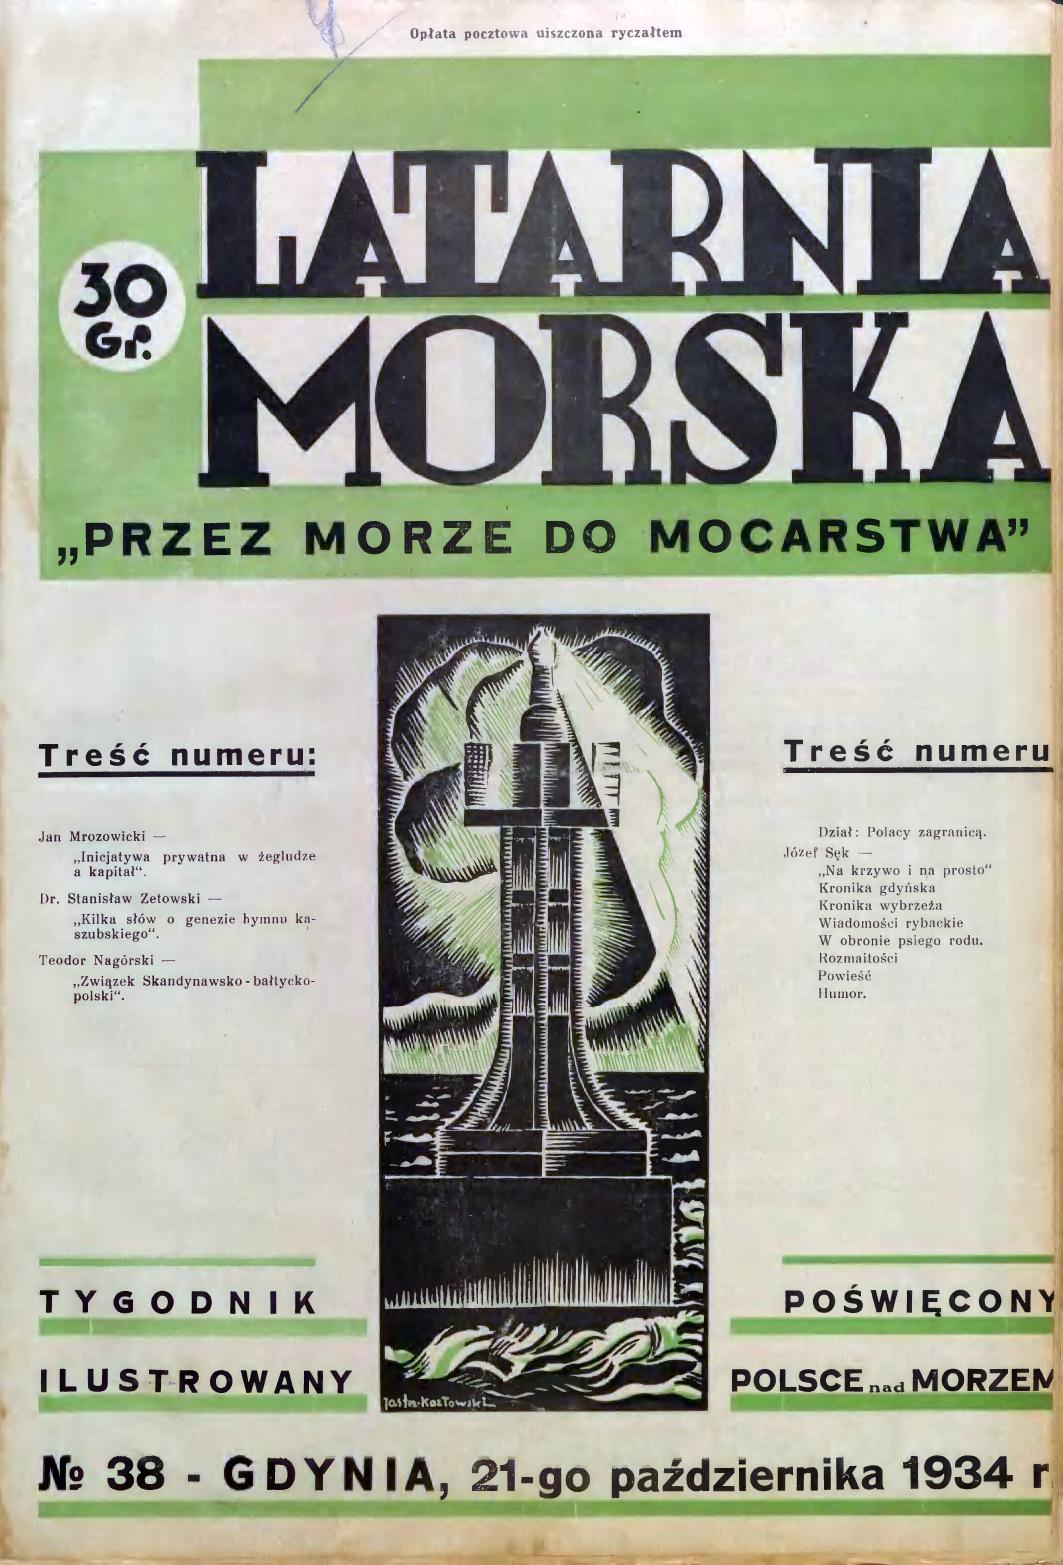 Latarnia Morska: tygodnik ilustrowany poświęcony Polsce nad morzem. – Gdynia : Balto Polak – Zakłady Graficzne i Wydawnicze, 1934, nr 38